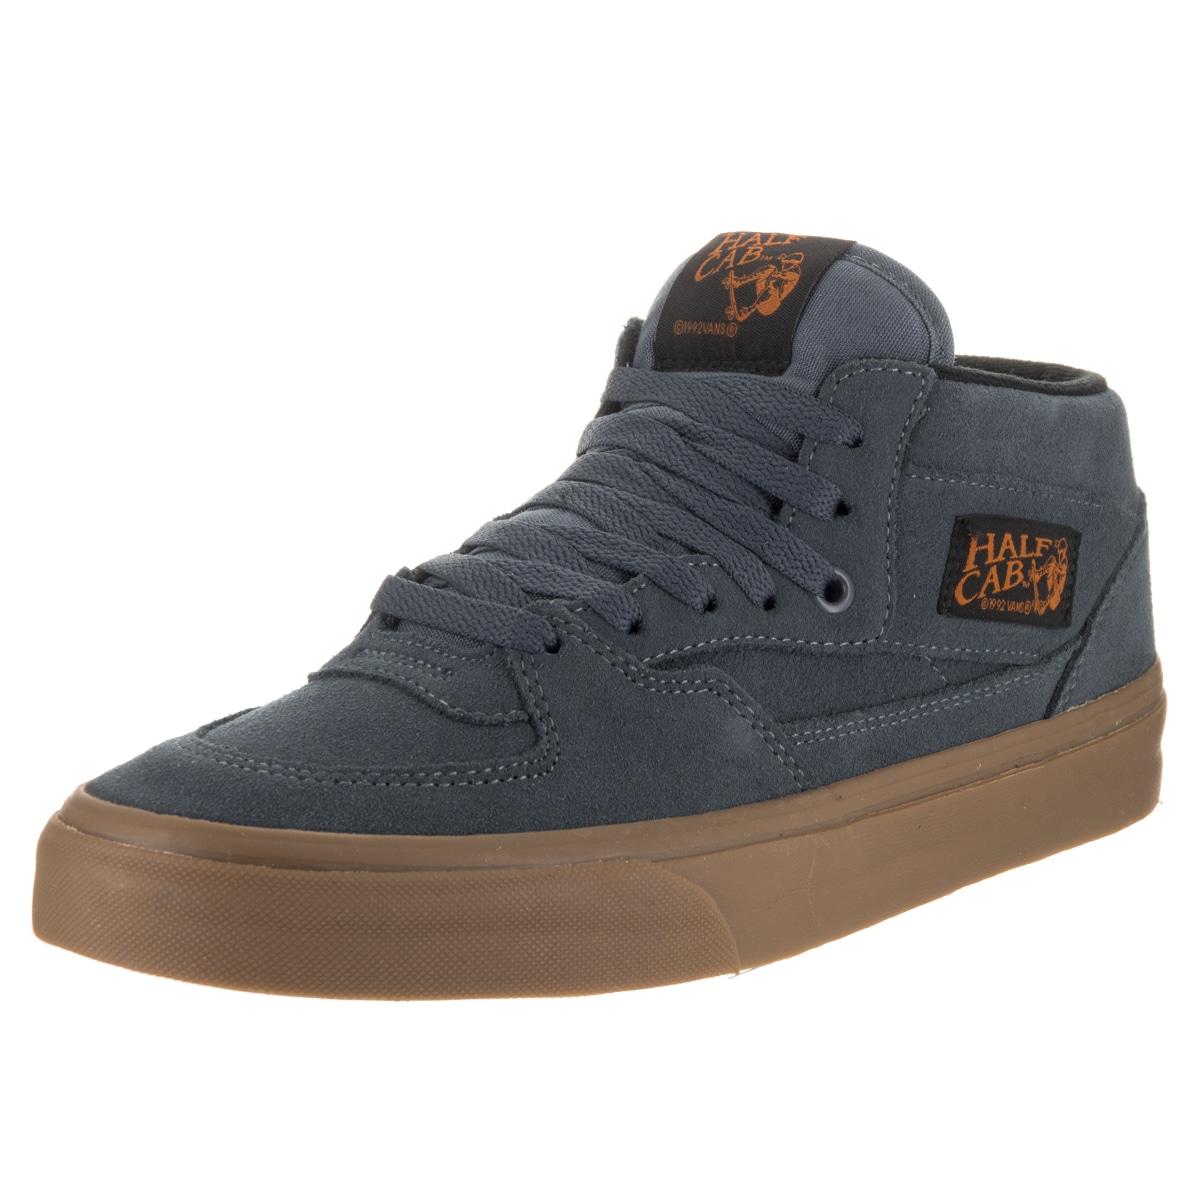 004206010f4 Shop Vans Unisex Half Cab Da Gum Skate Shoes - Free Shipping Today -  Overstock.com - 14012190